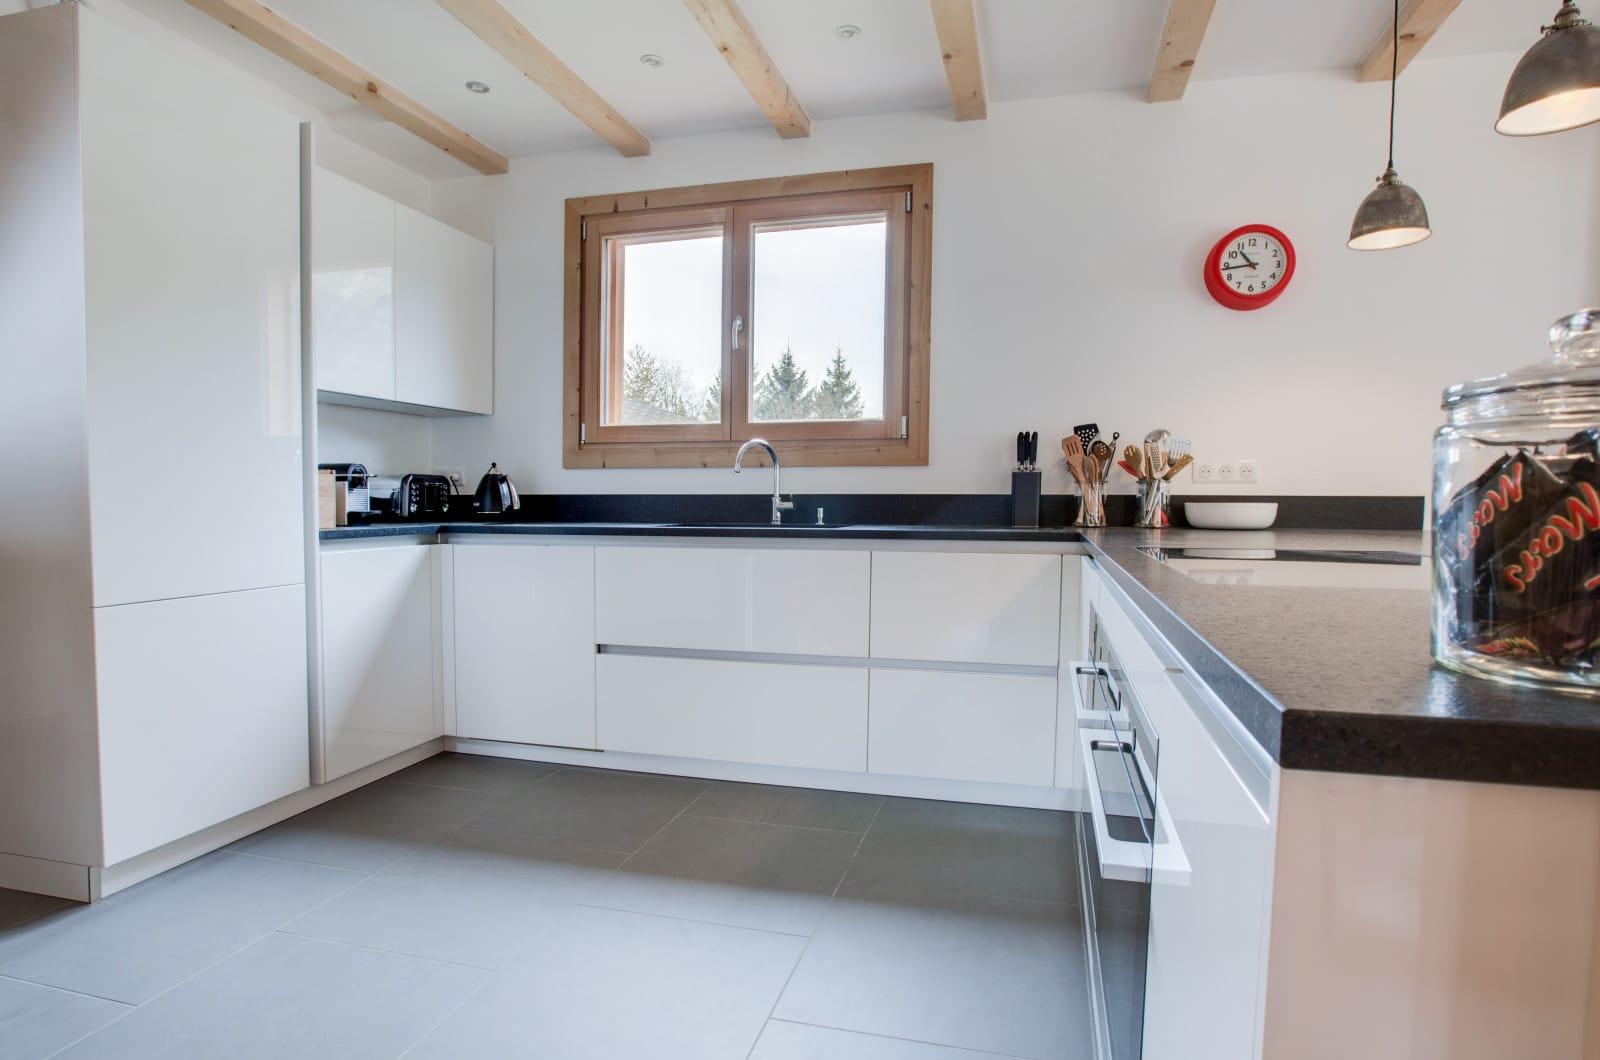 chalet north star kitchen, morzine chalet